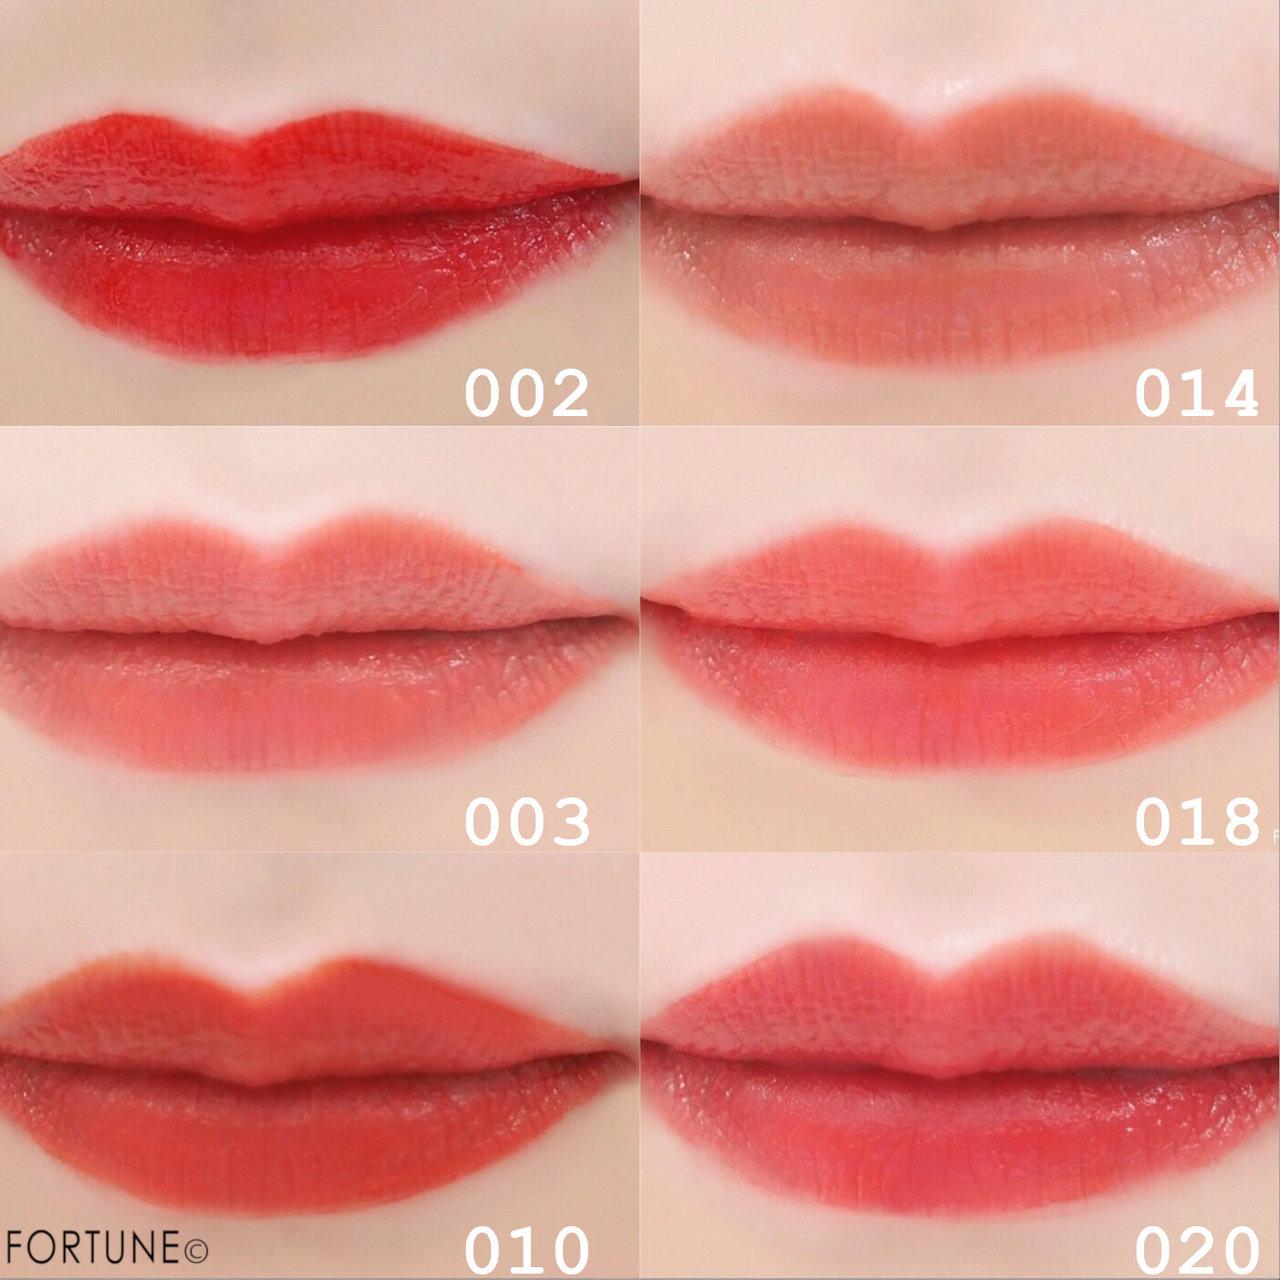 コスメカレンダー:レブロン「キス クラウド ブロッテッド リップ カラー」